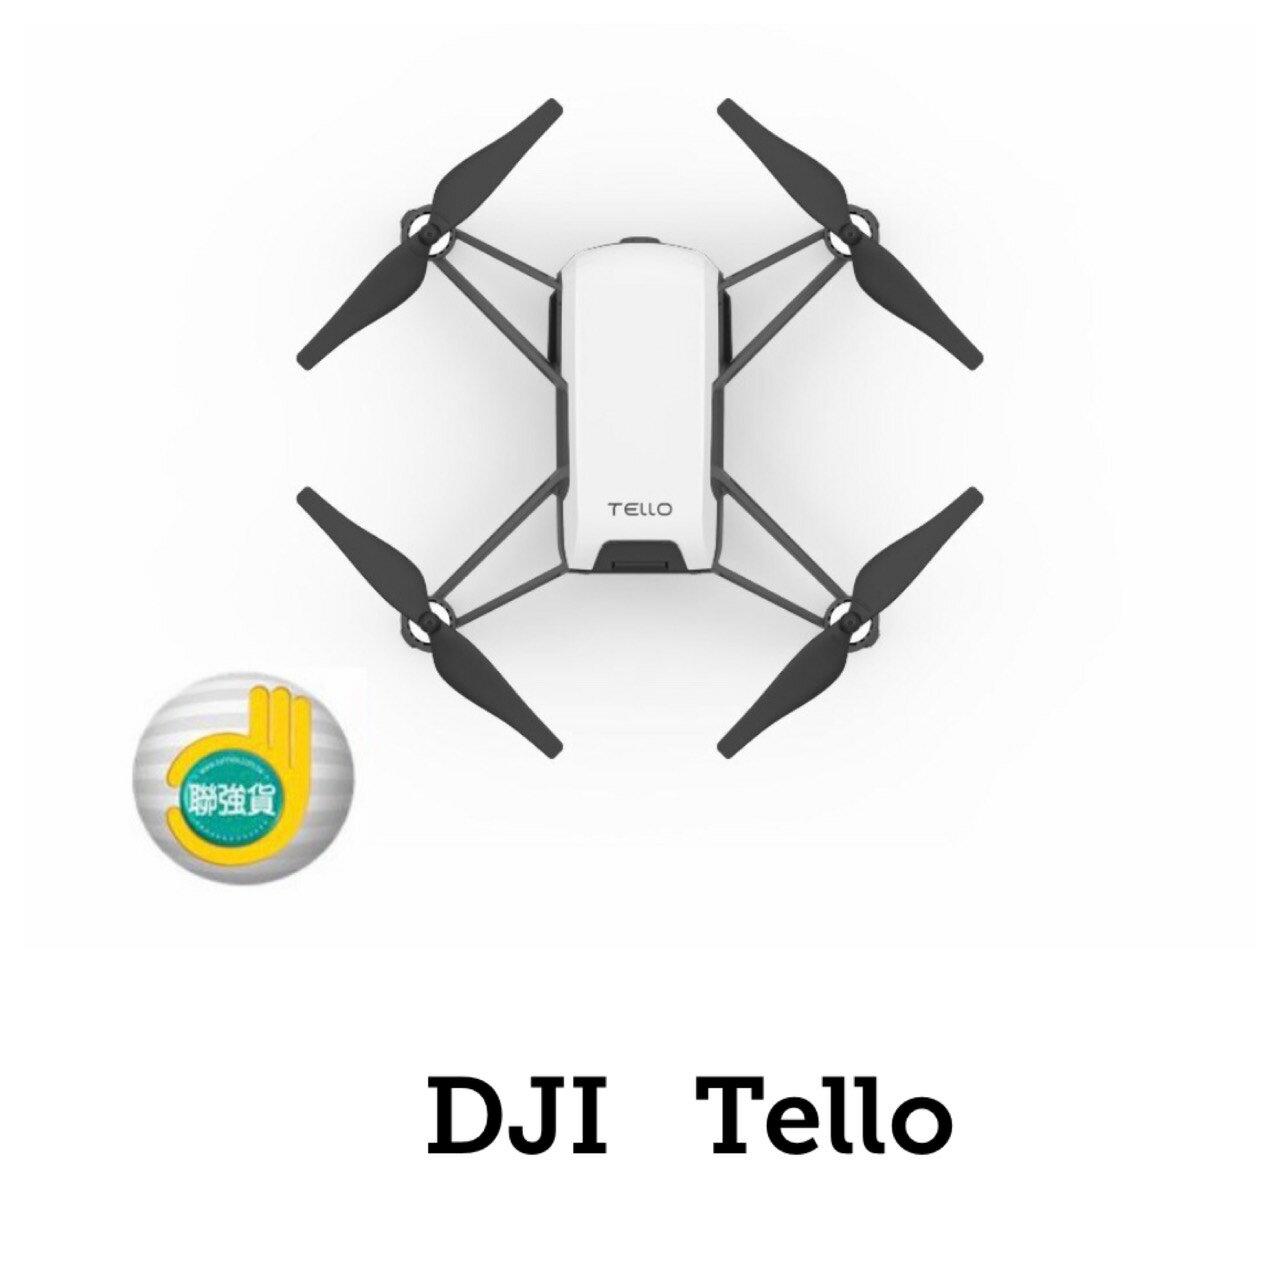 【台灣公司貨】 DJI Tello無人機 特洛空拍機 [ 實體店家 ]